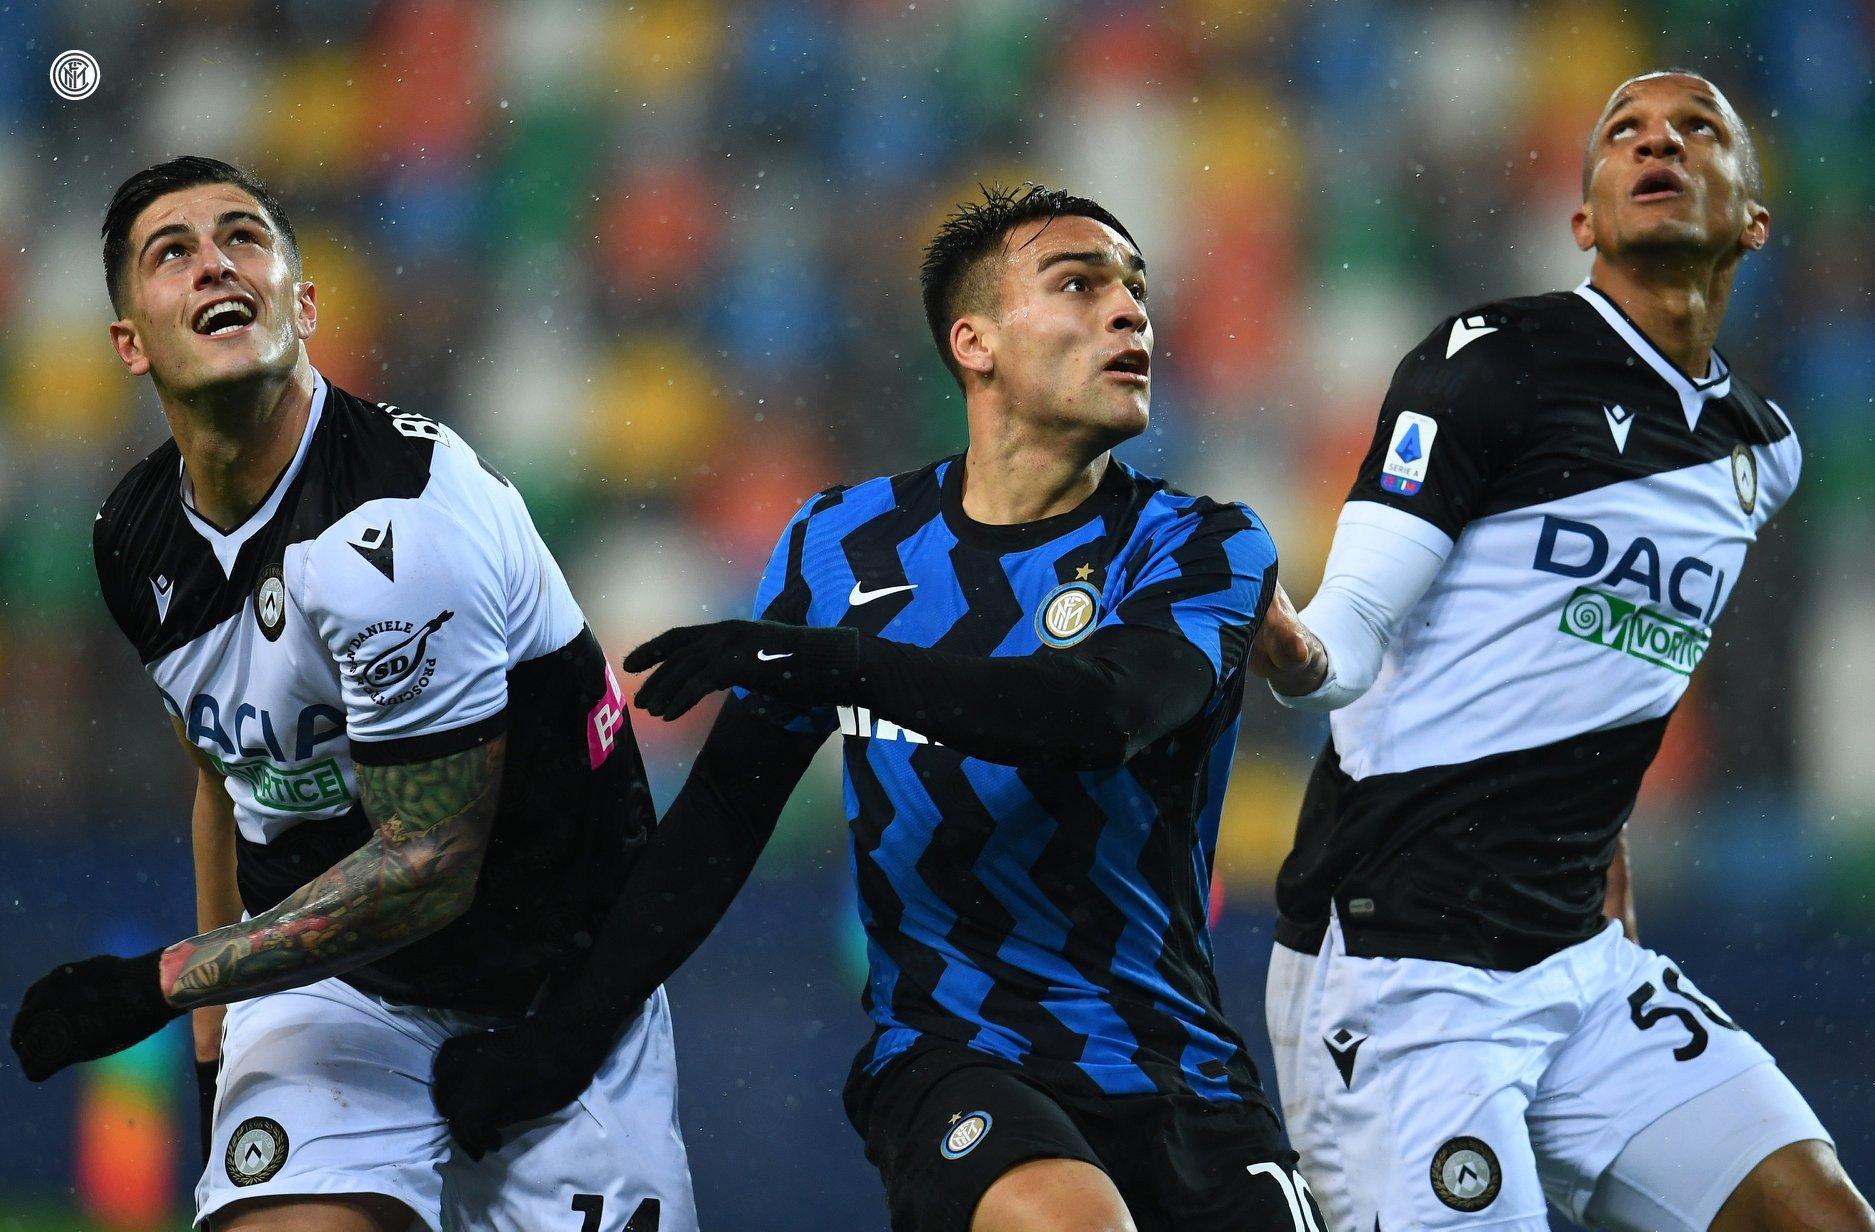 Inter sorridi, nuovo agente Lautaro dovrebbe essere un amico |  Sport e Vai